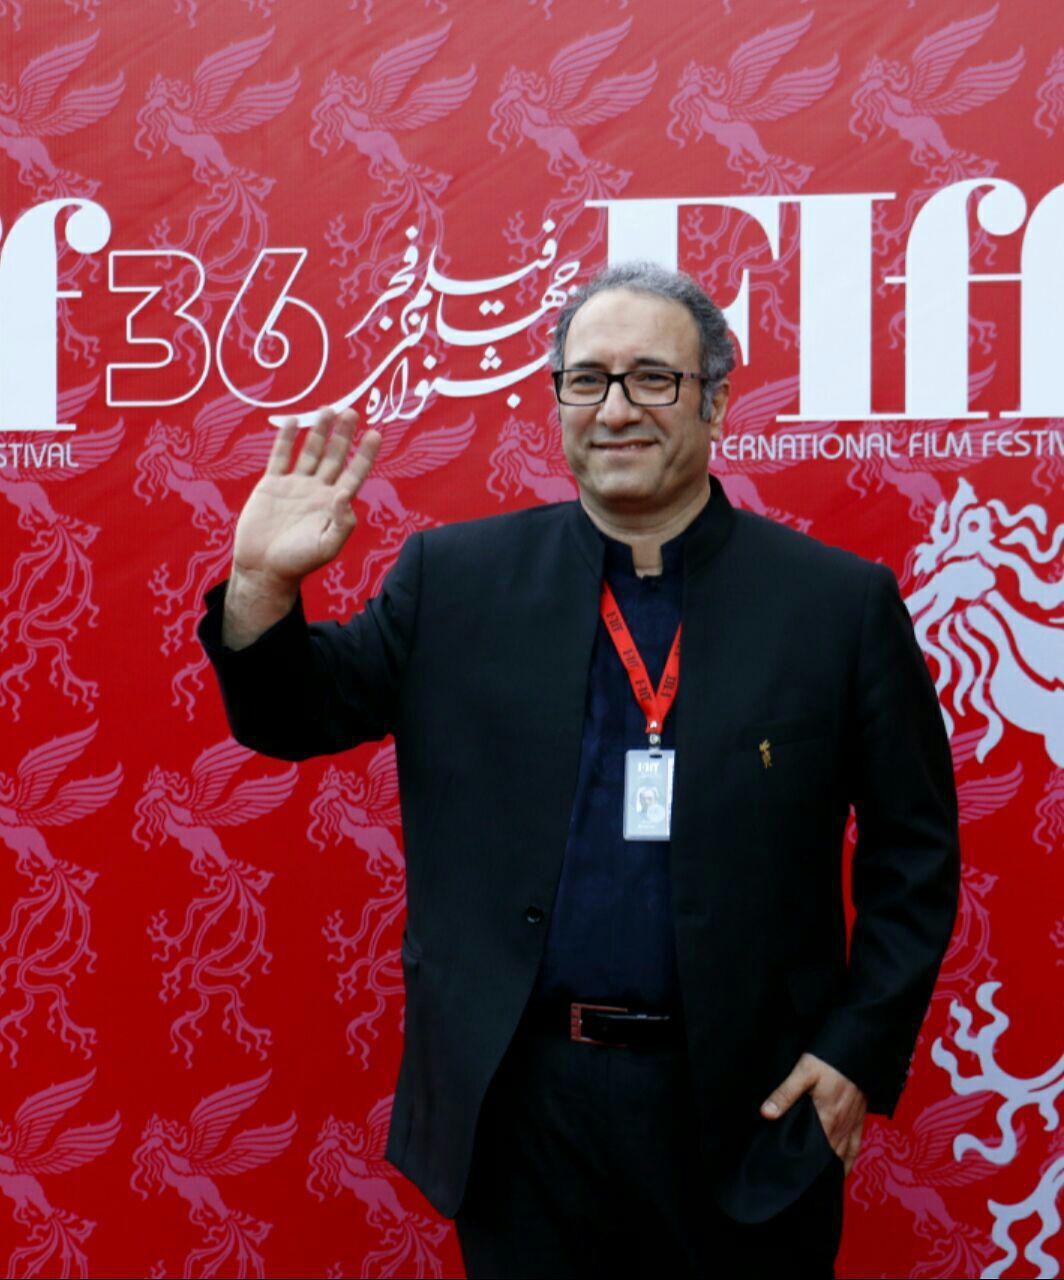 سیدرضا میر کریمی، کارگردان و تهیه کننده سینما و تلویزیون - عکس جشنواره